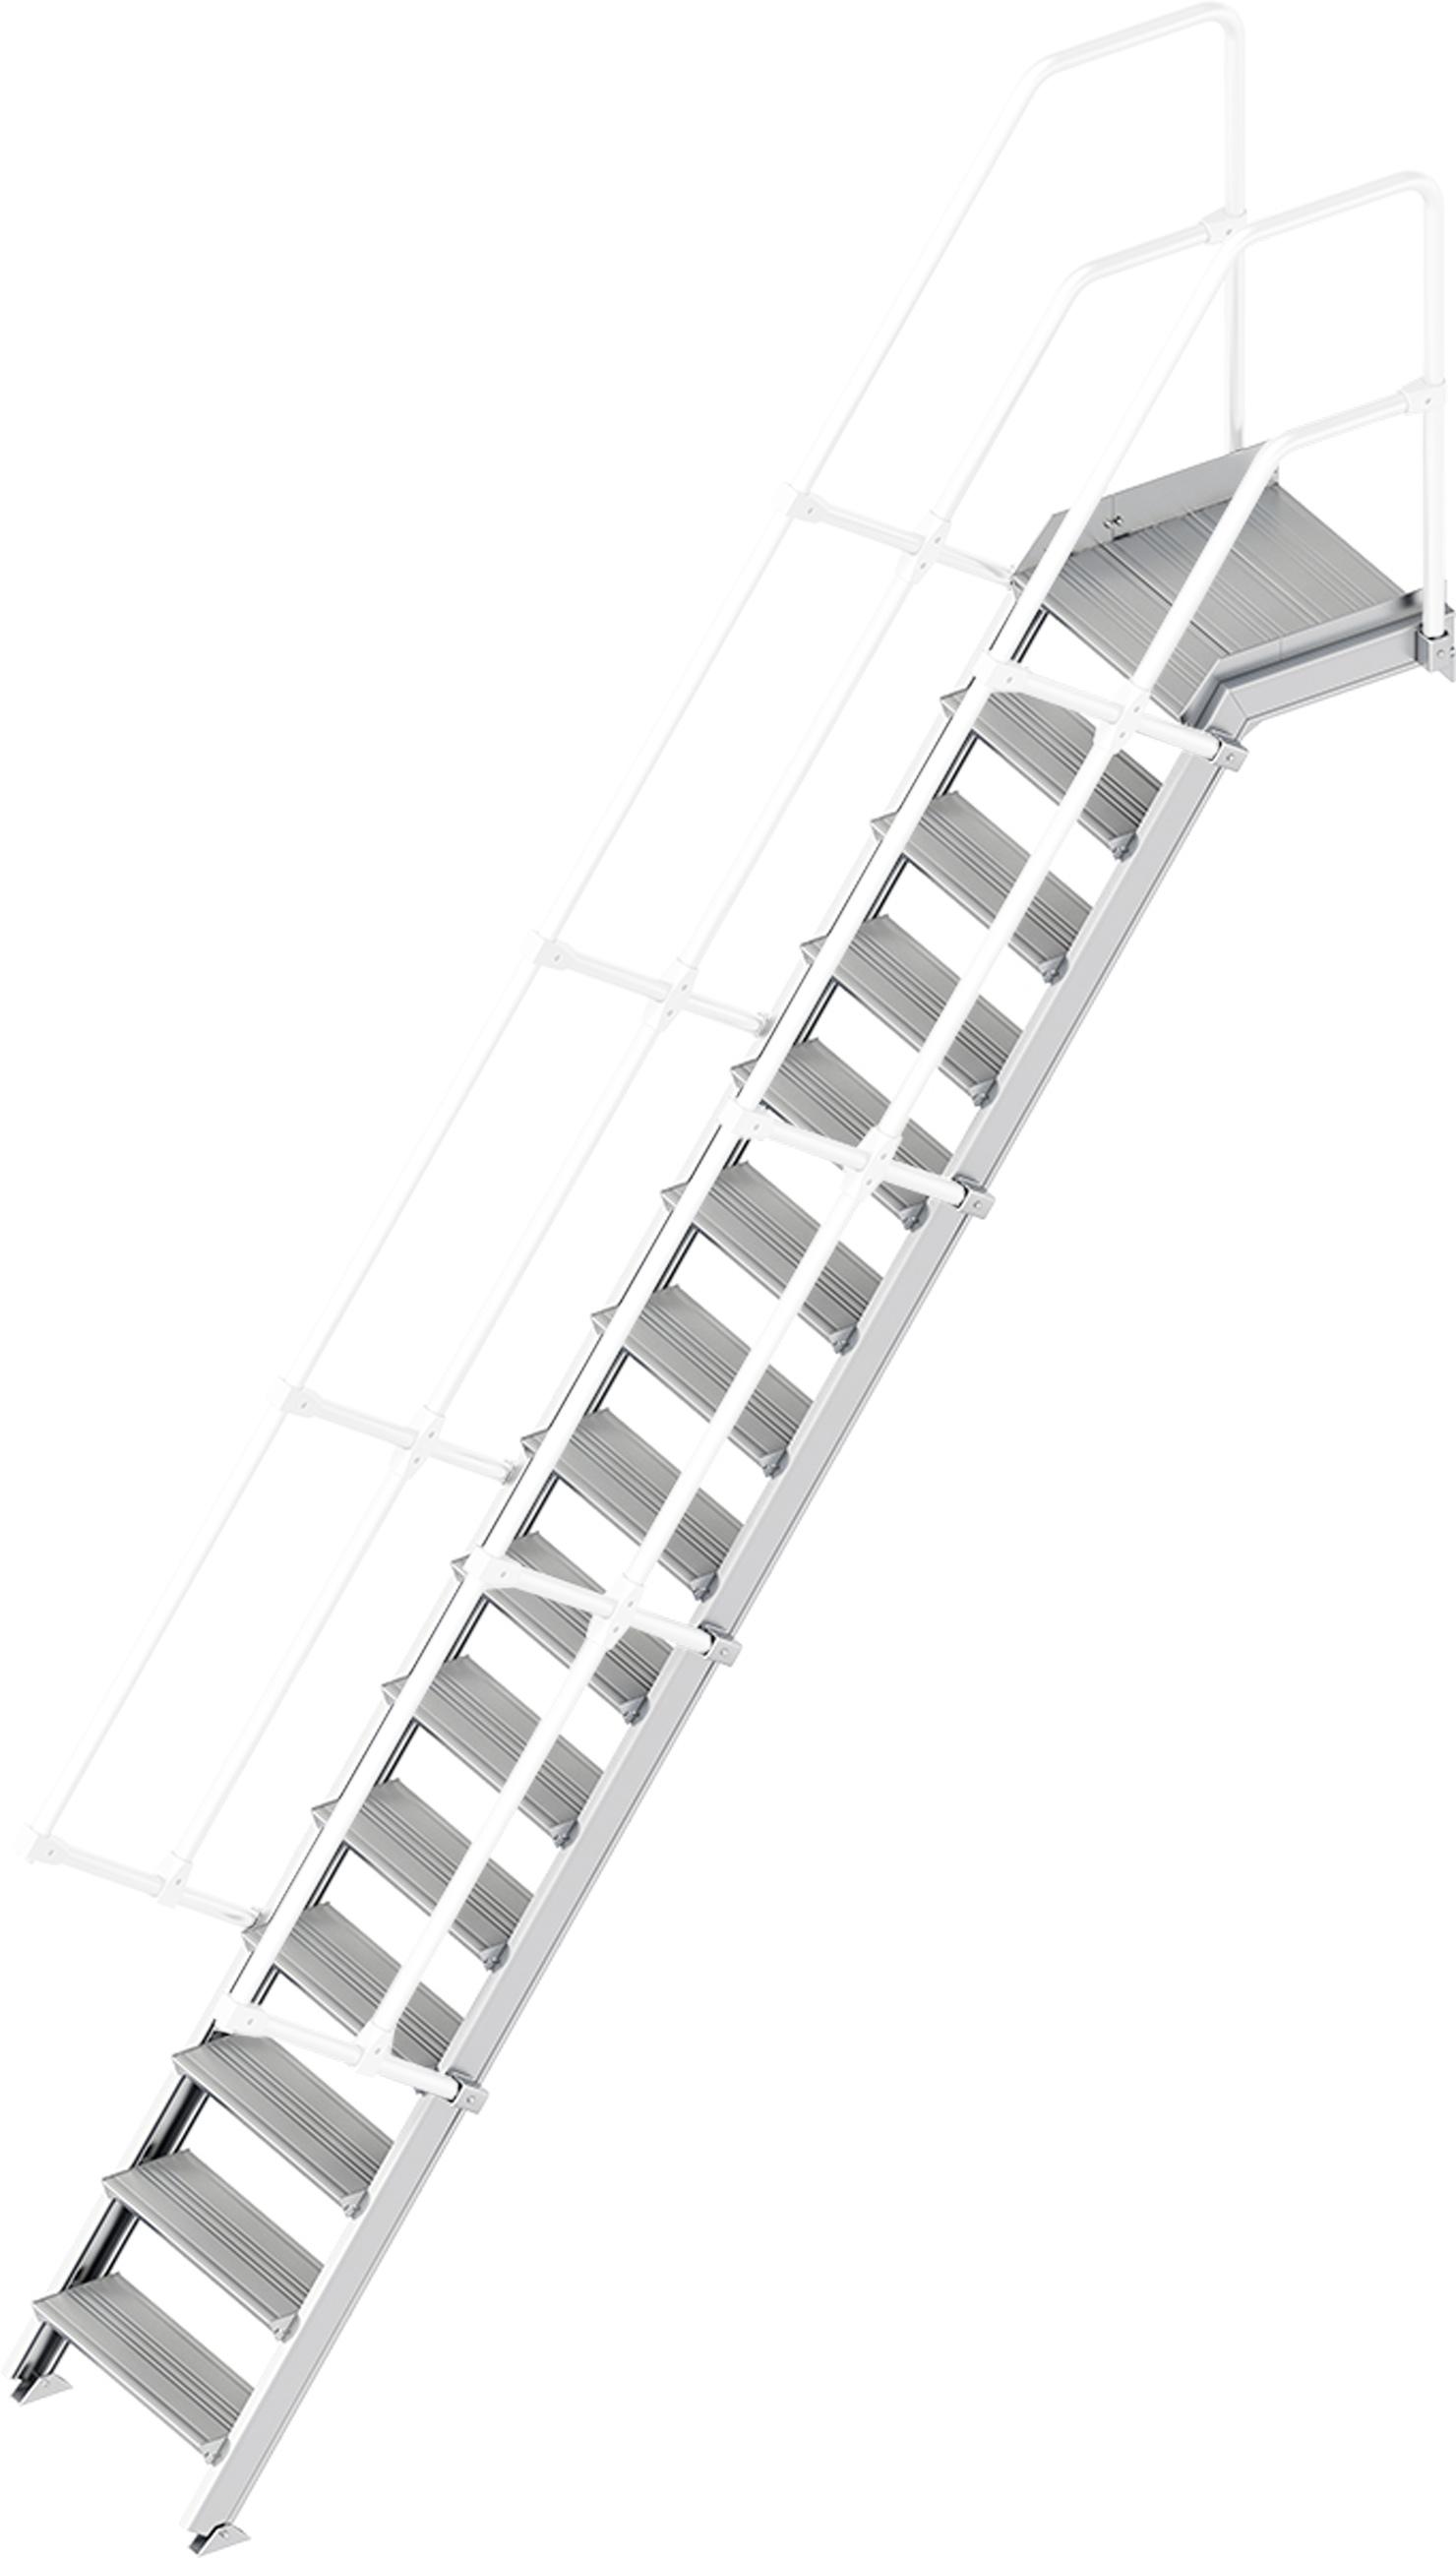 Layher Plattformtreppe 55° 15 Stufen - 600 mm breit